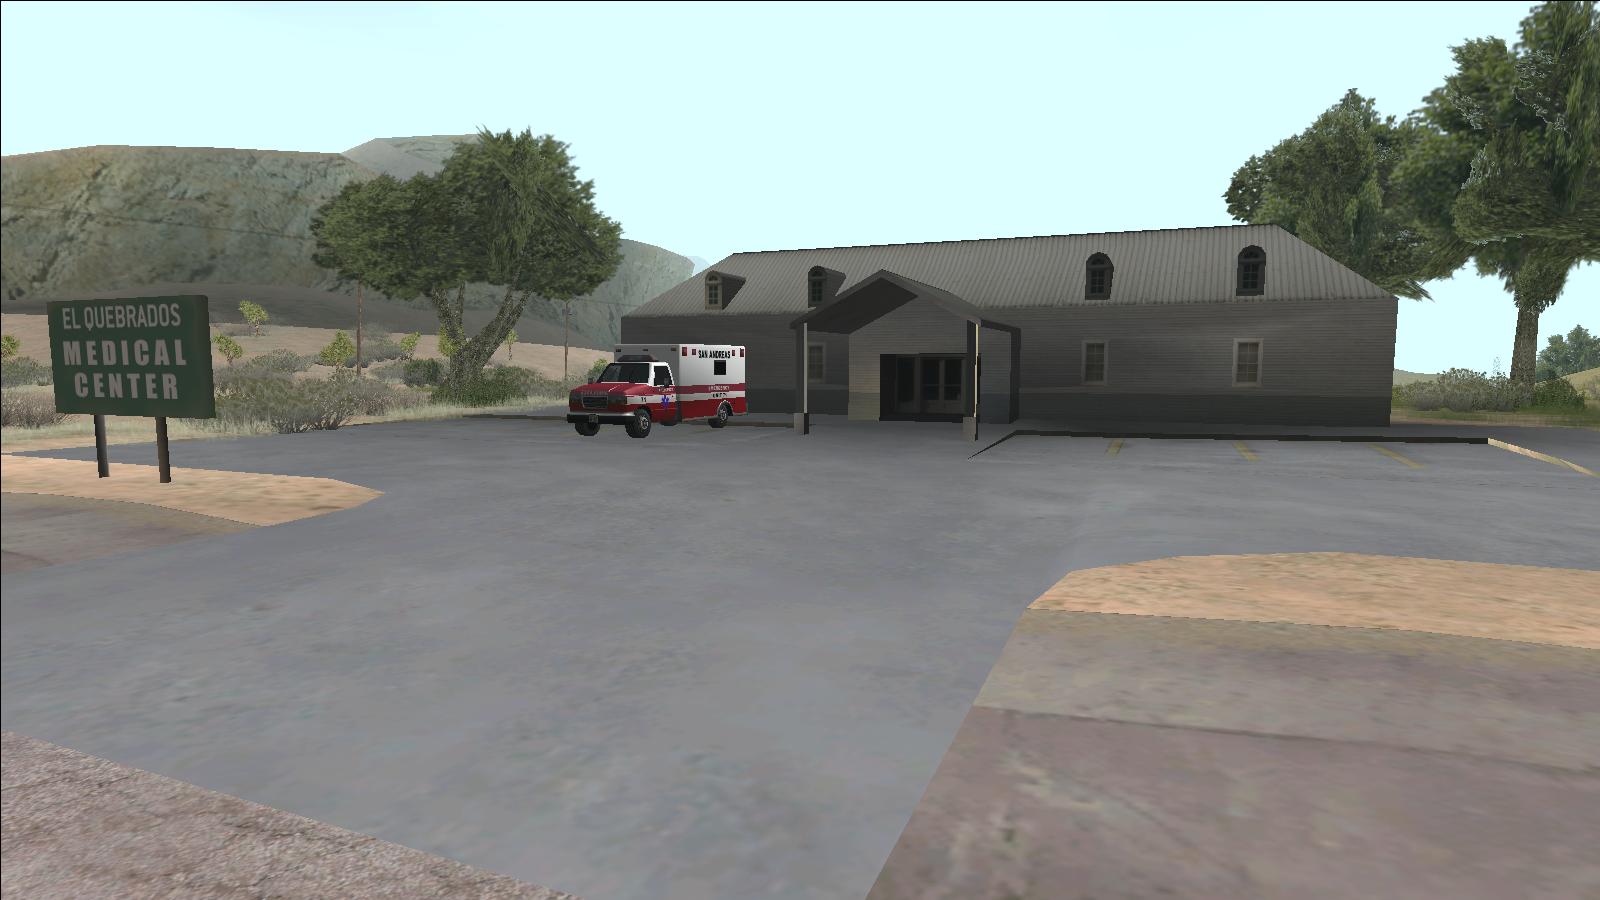 El Quebrados Medical Center